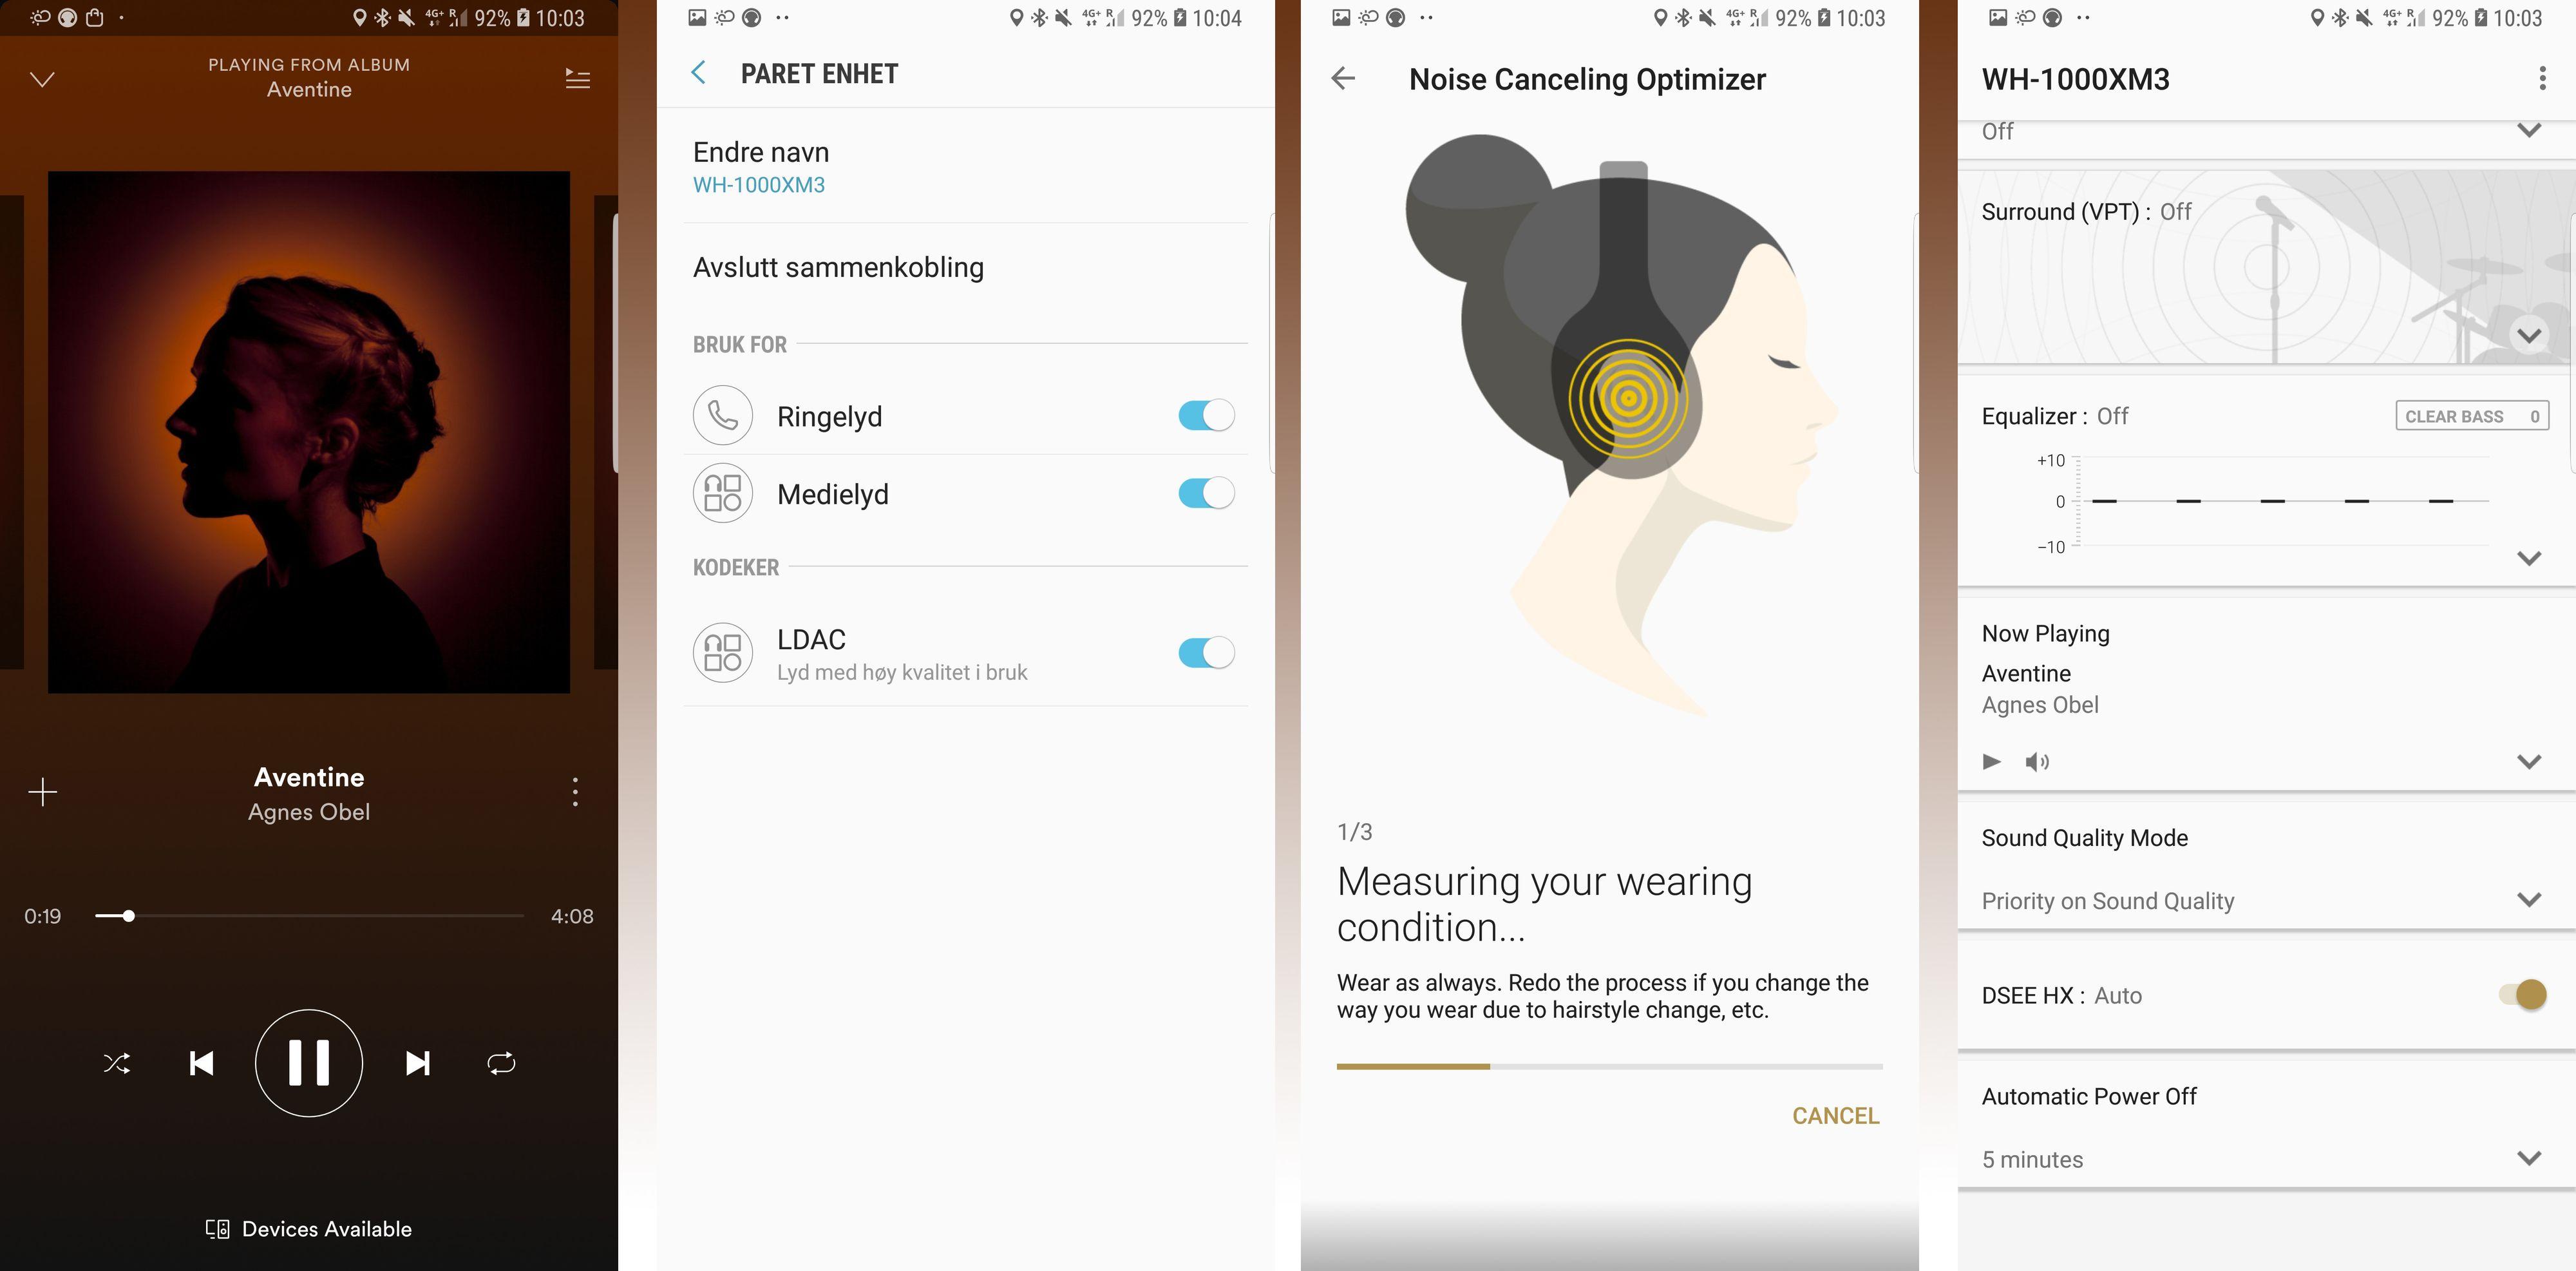 Agnes Obel låter helt fantastisk på disse hodetelefonene. En av de fine tingene her er støtten for LDAC som gir særdeles god lydkvalitet. Som tidligere settes støydempingen opp automatisk i løpet av få sekunder. Du kan dessuten stille på en hel haug ulike lydvalg i appen som hører til - den er oppdatert for 1000X M3, men bruksmessig er den helt lik den gamle..